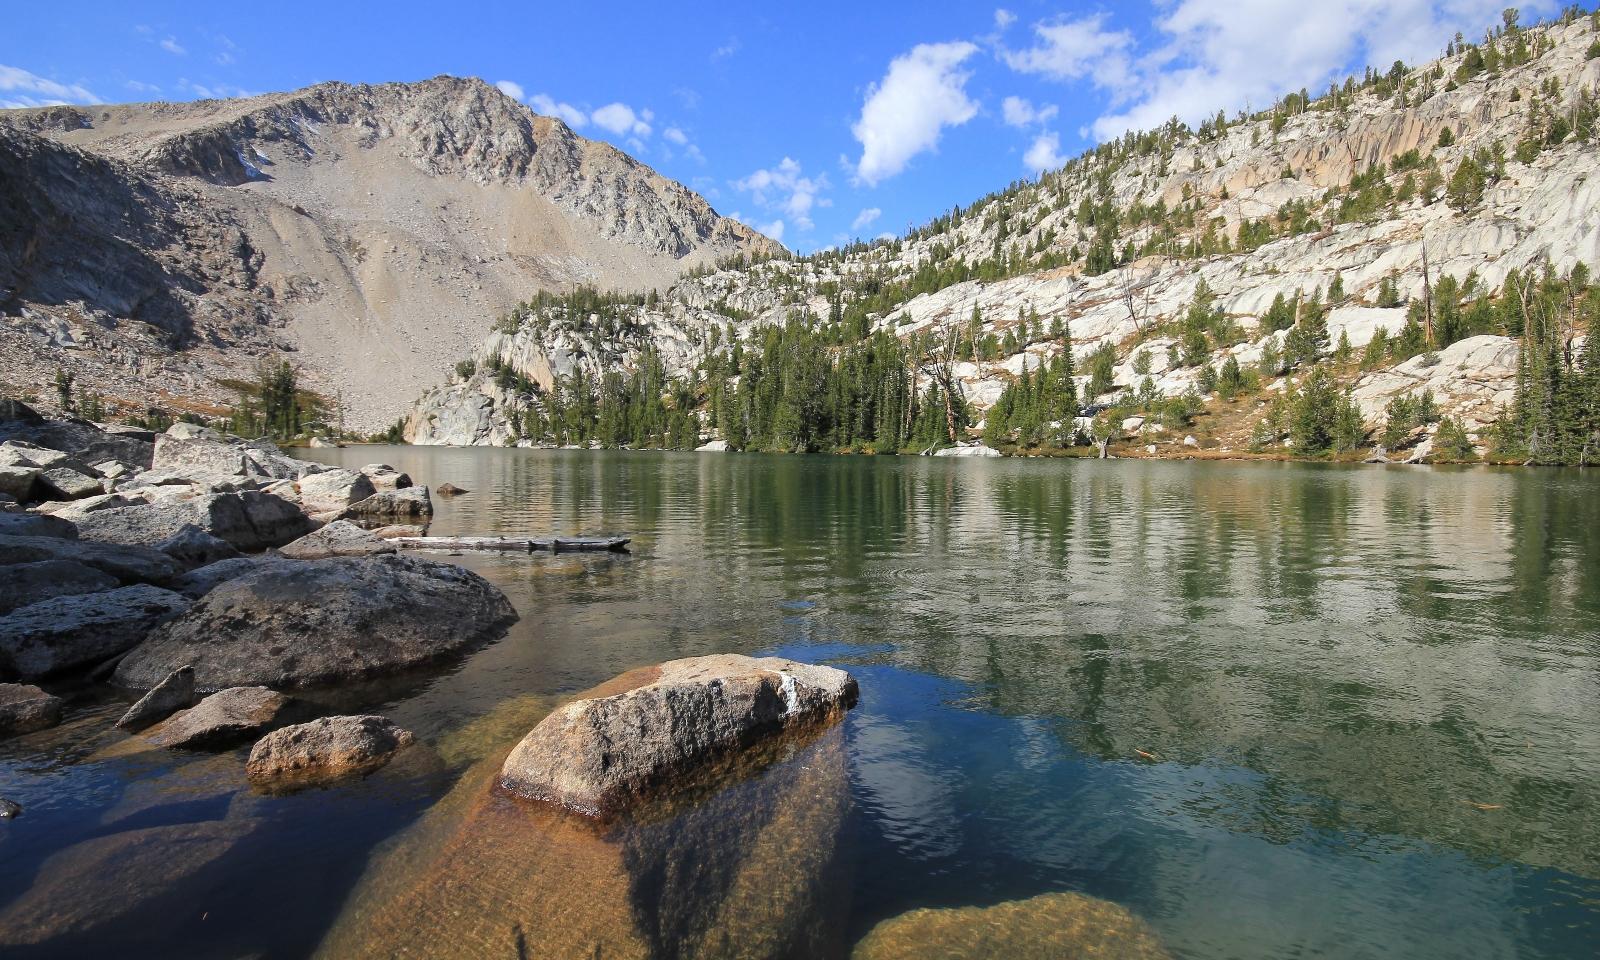 09-26-15 Island Lake (109)